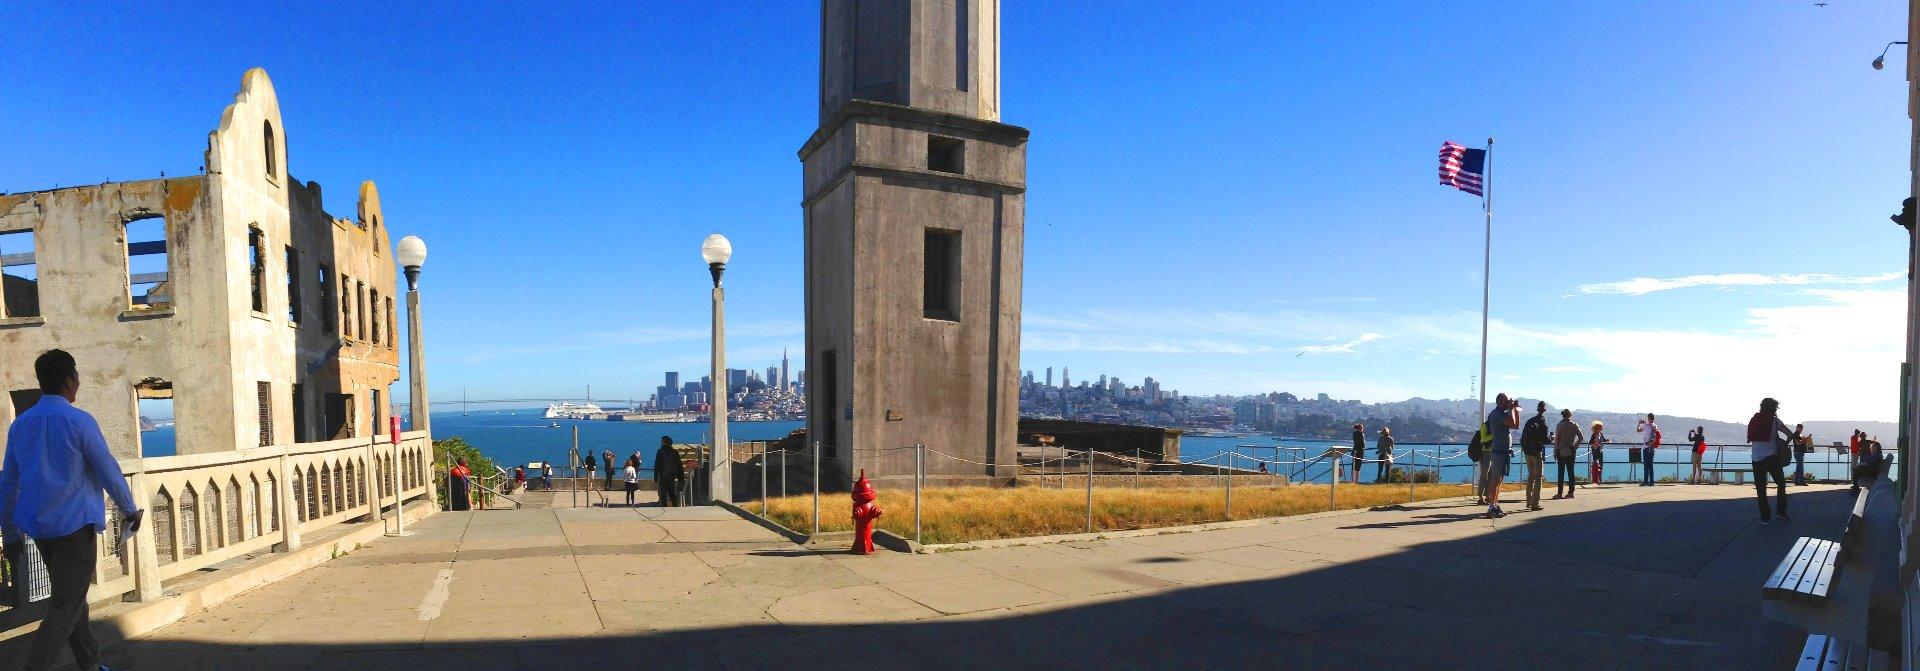 pacote_de_aventuras_no_dia_da_ilha_de_alcatraz_com_city_tour_em_sao_francisco